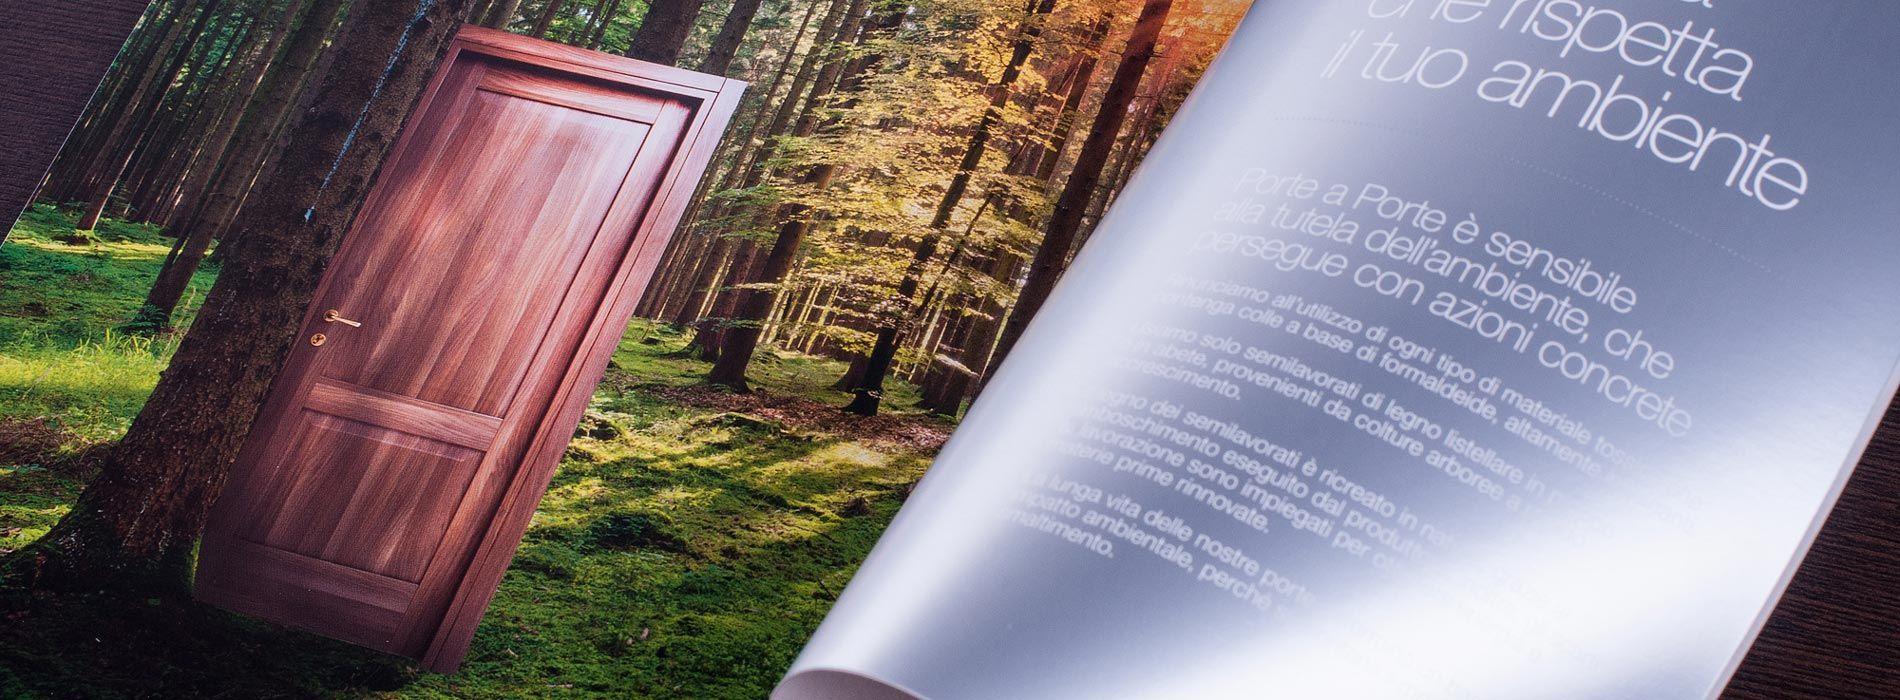 agenzia-pubblicitaria-caserta-catalogo